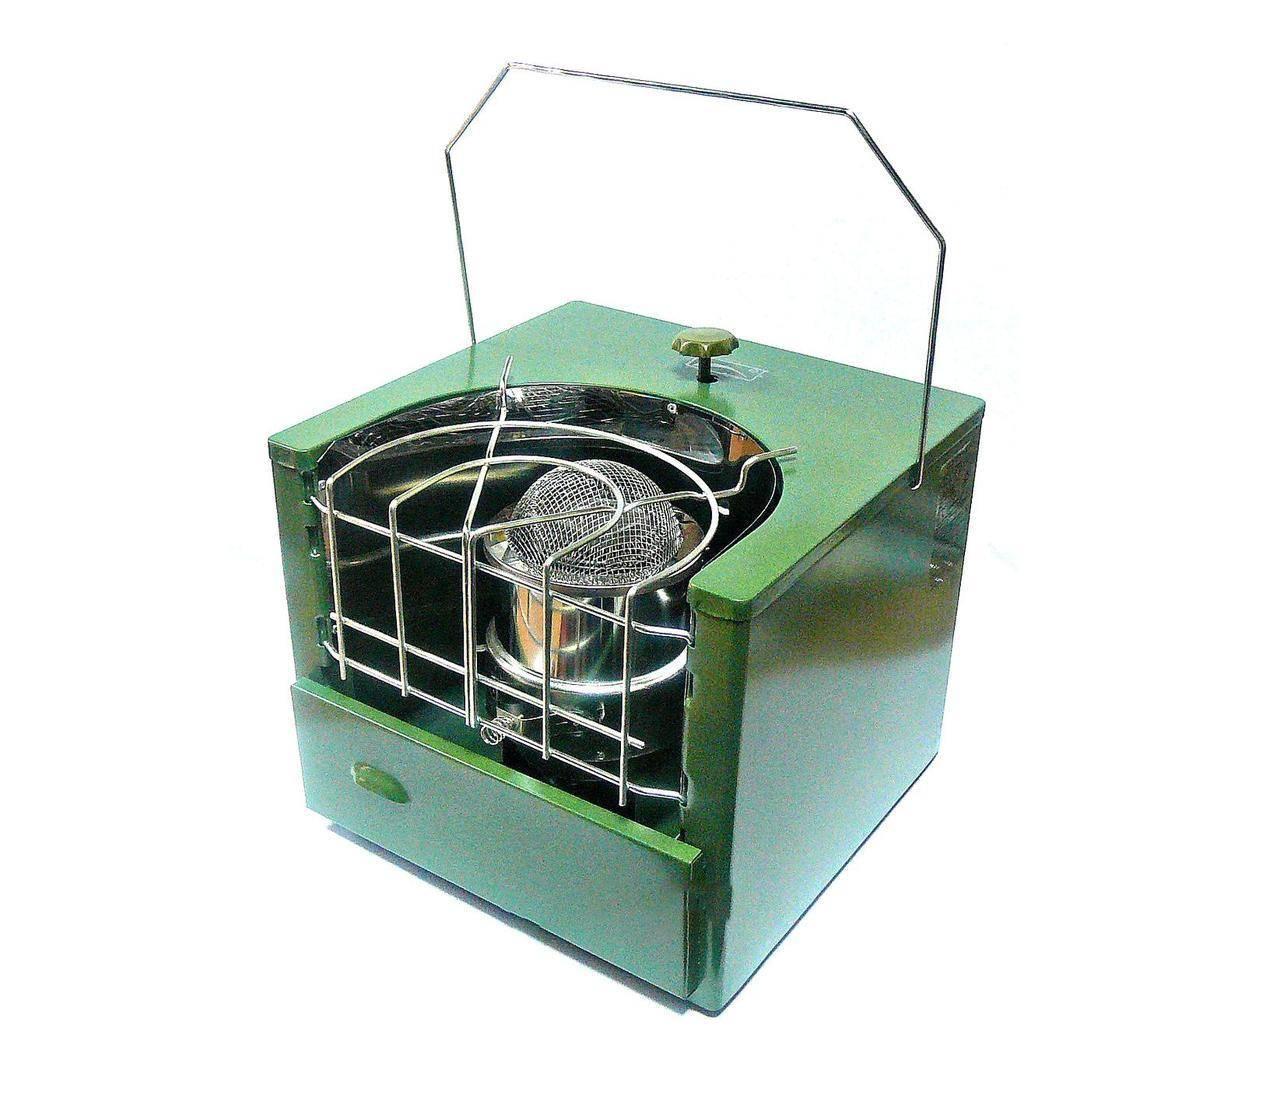 Особенности отопления дома чудо-печью на солярке